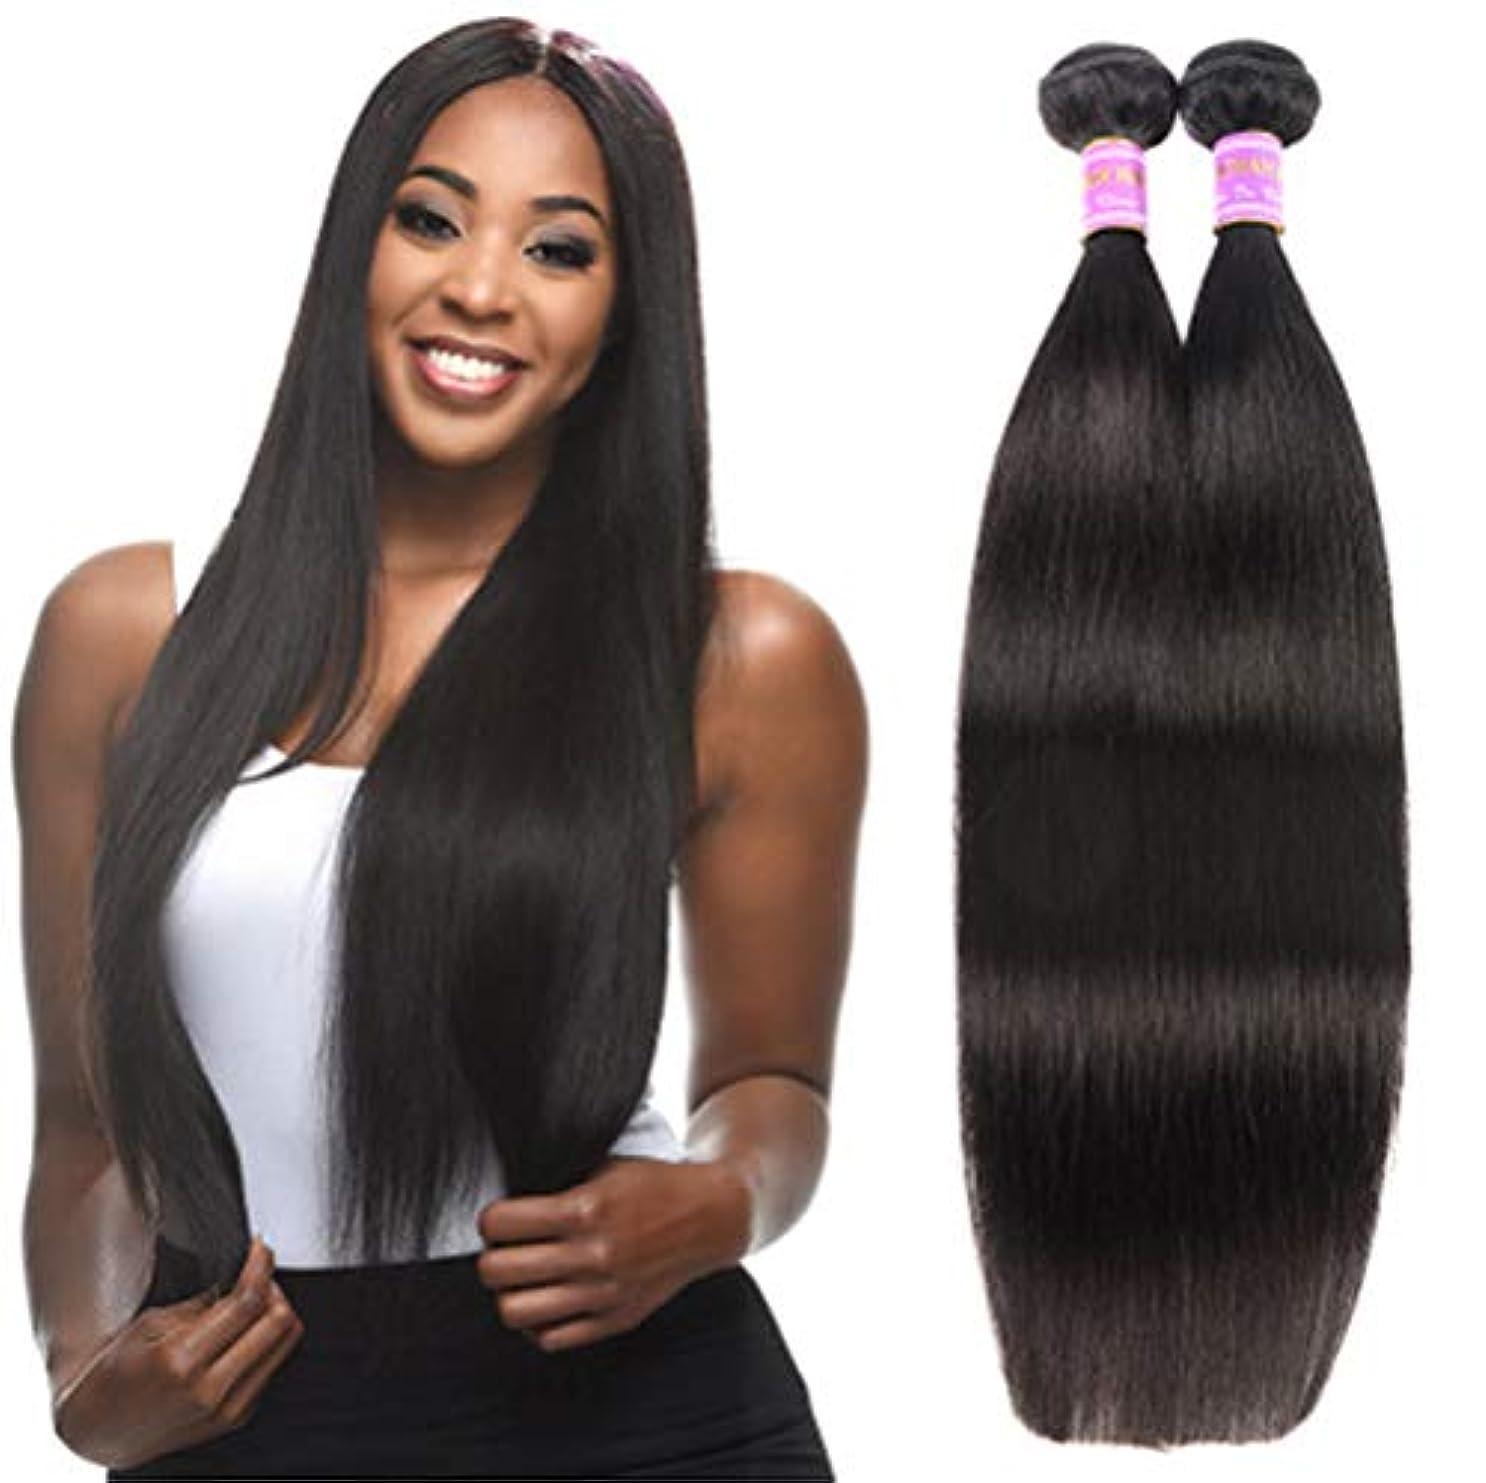 看板浸したソフトウェア髪織り女性150%密度ブラジルストレートヘアバンドル安いブラジル髪バンドルストレート人間の髪の毛